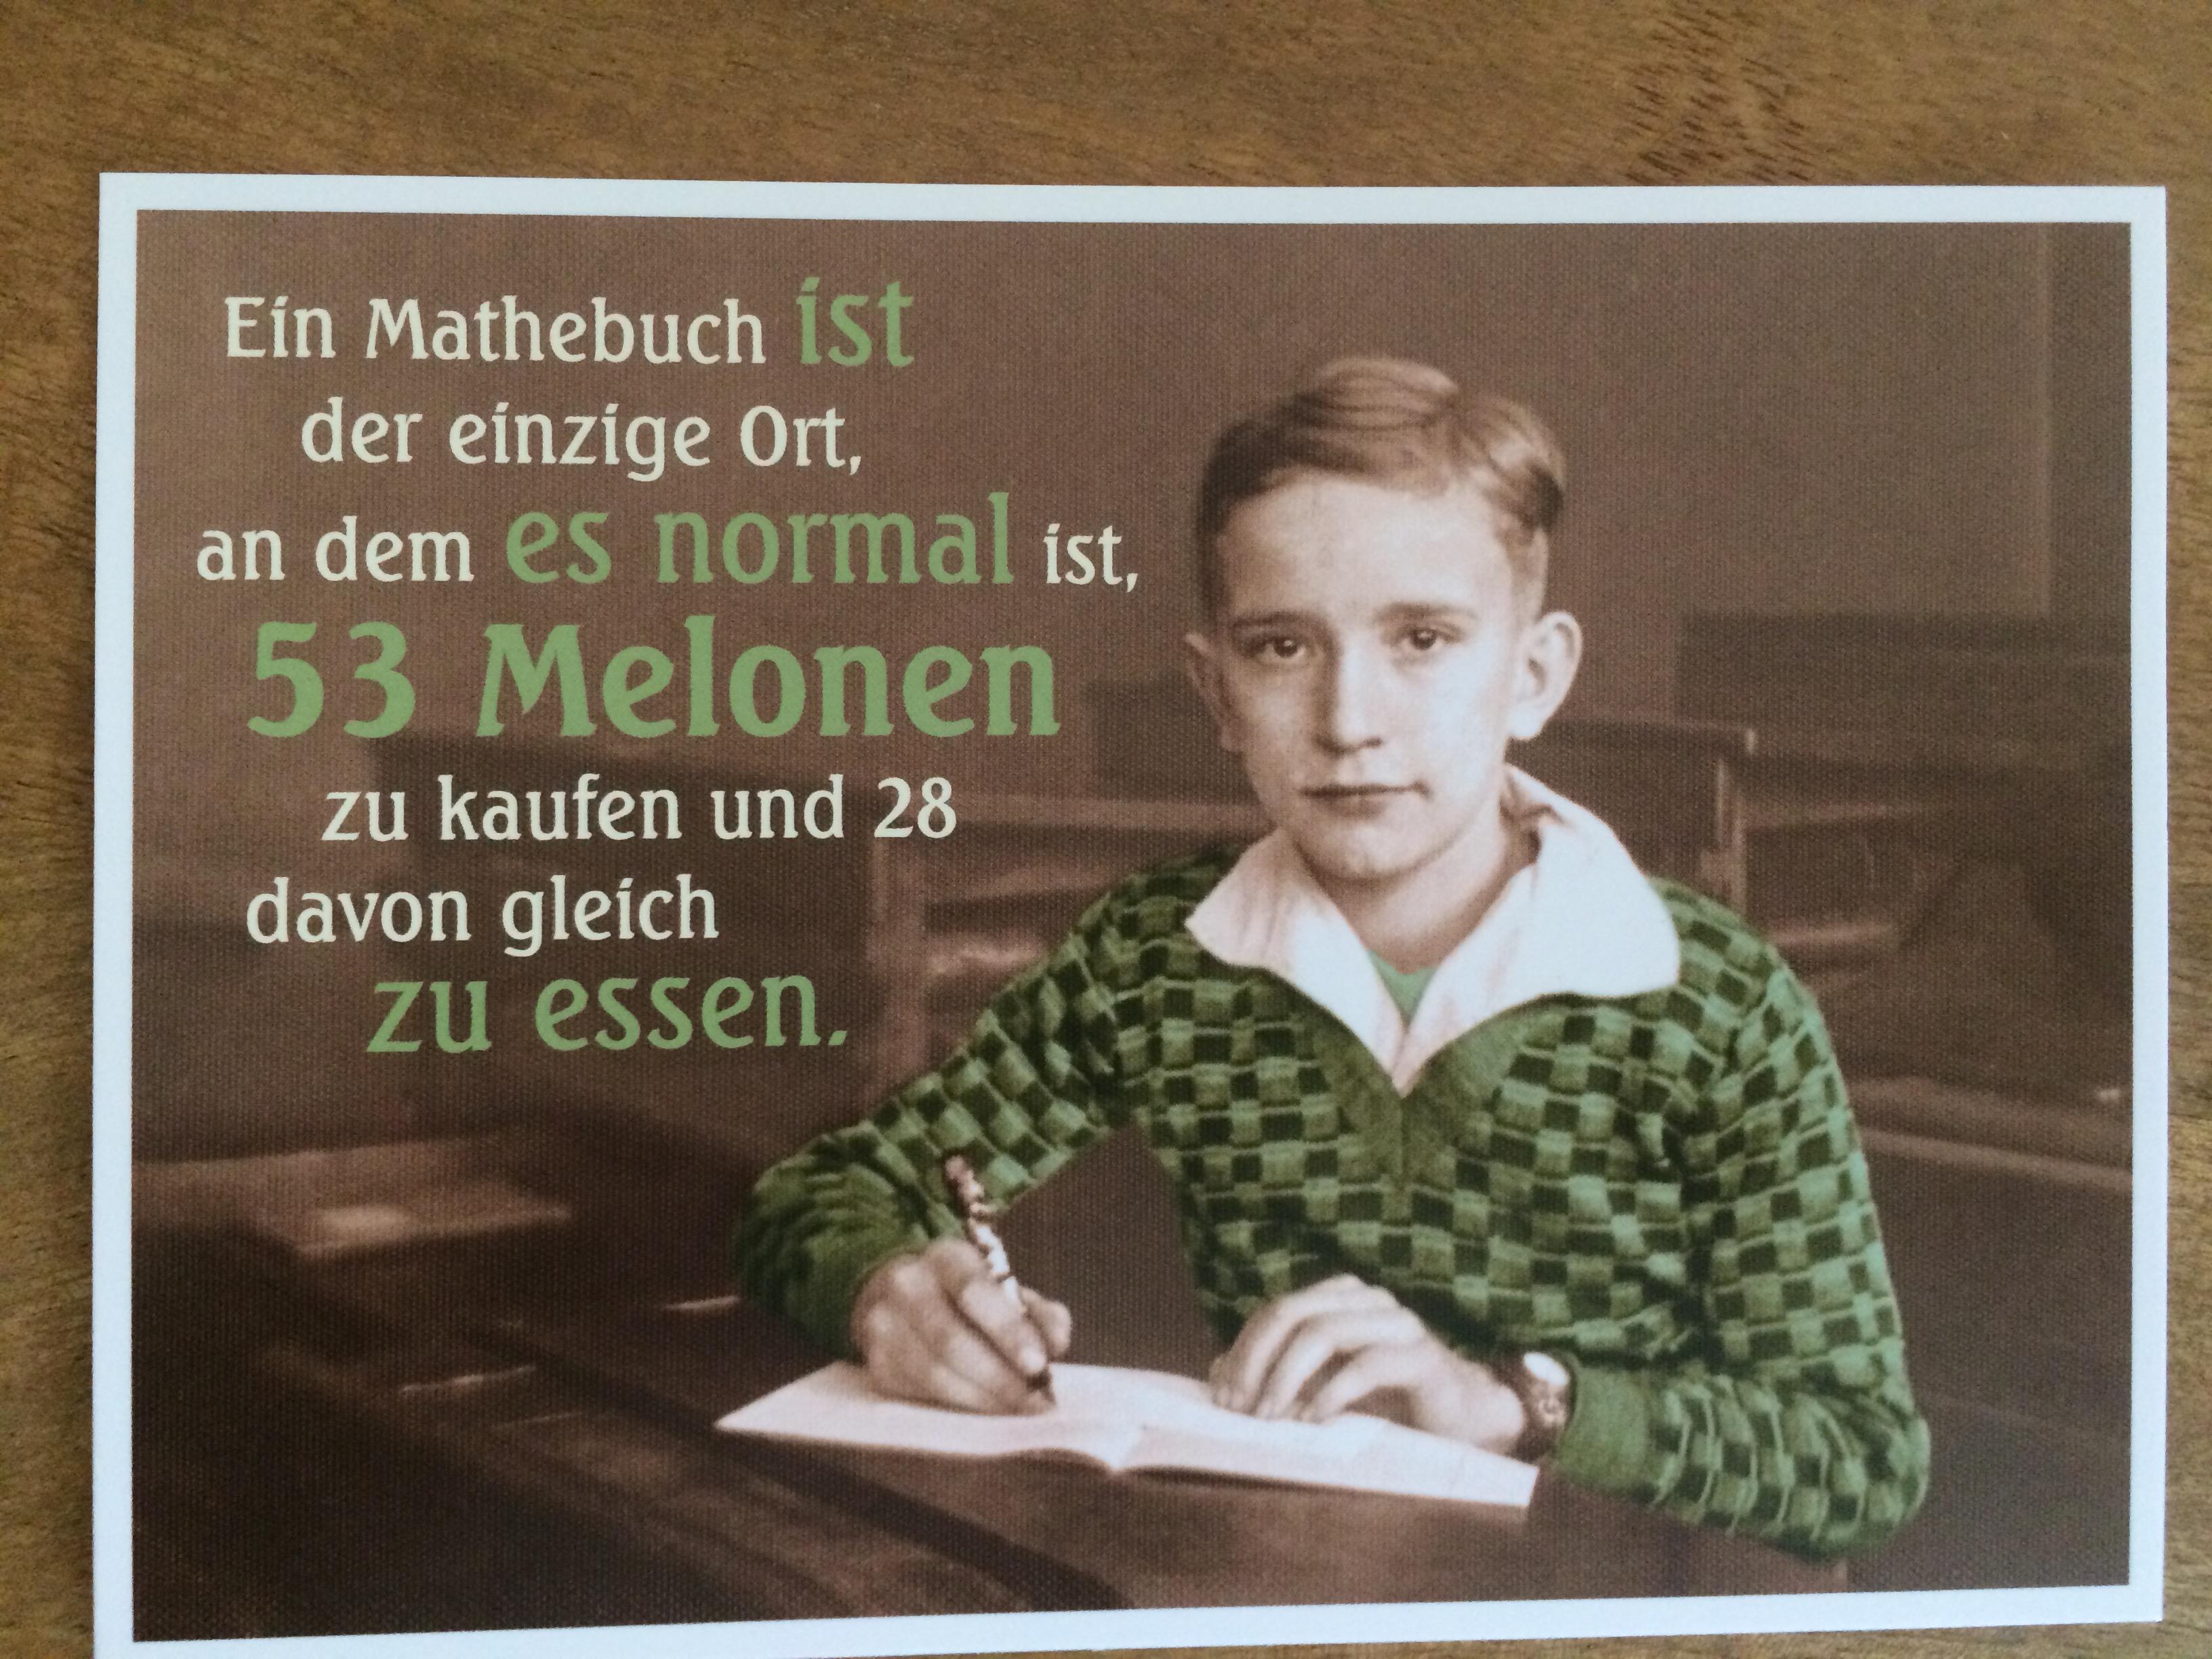 Postkarte Karte Ein Mathebuch ist der einzige Ort an dem es normal ist 53 Melonen zu kaufen und 2